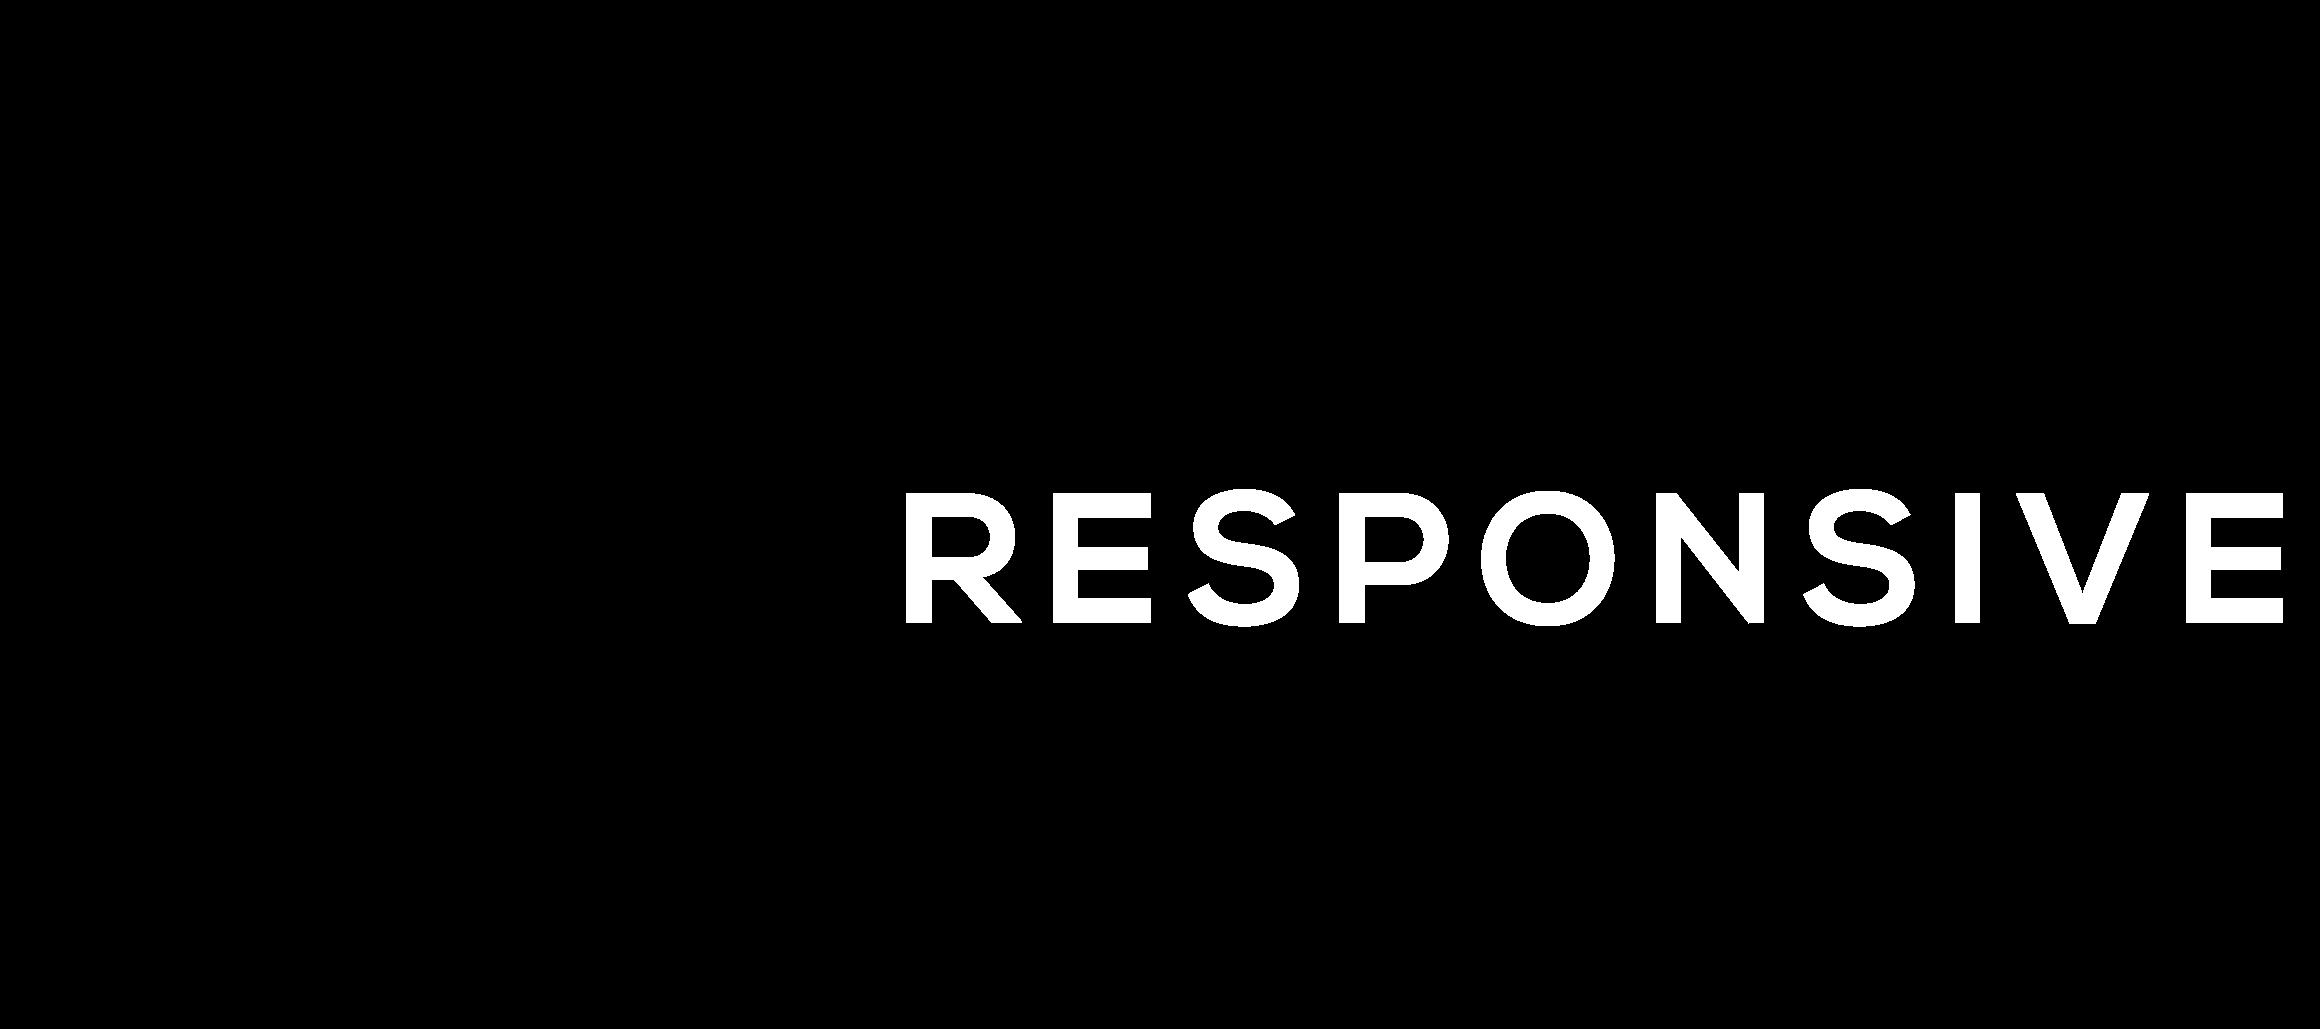 Responsive Webdesign aus Landau in der Pfalz